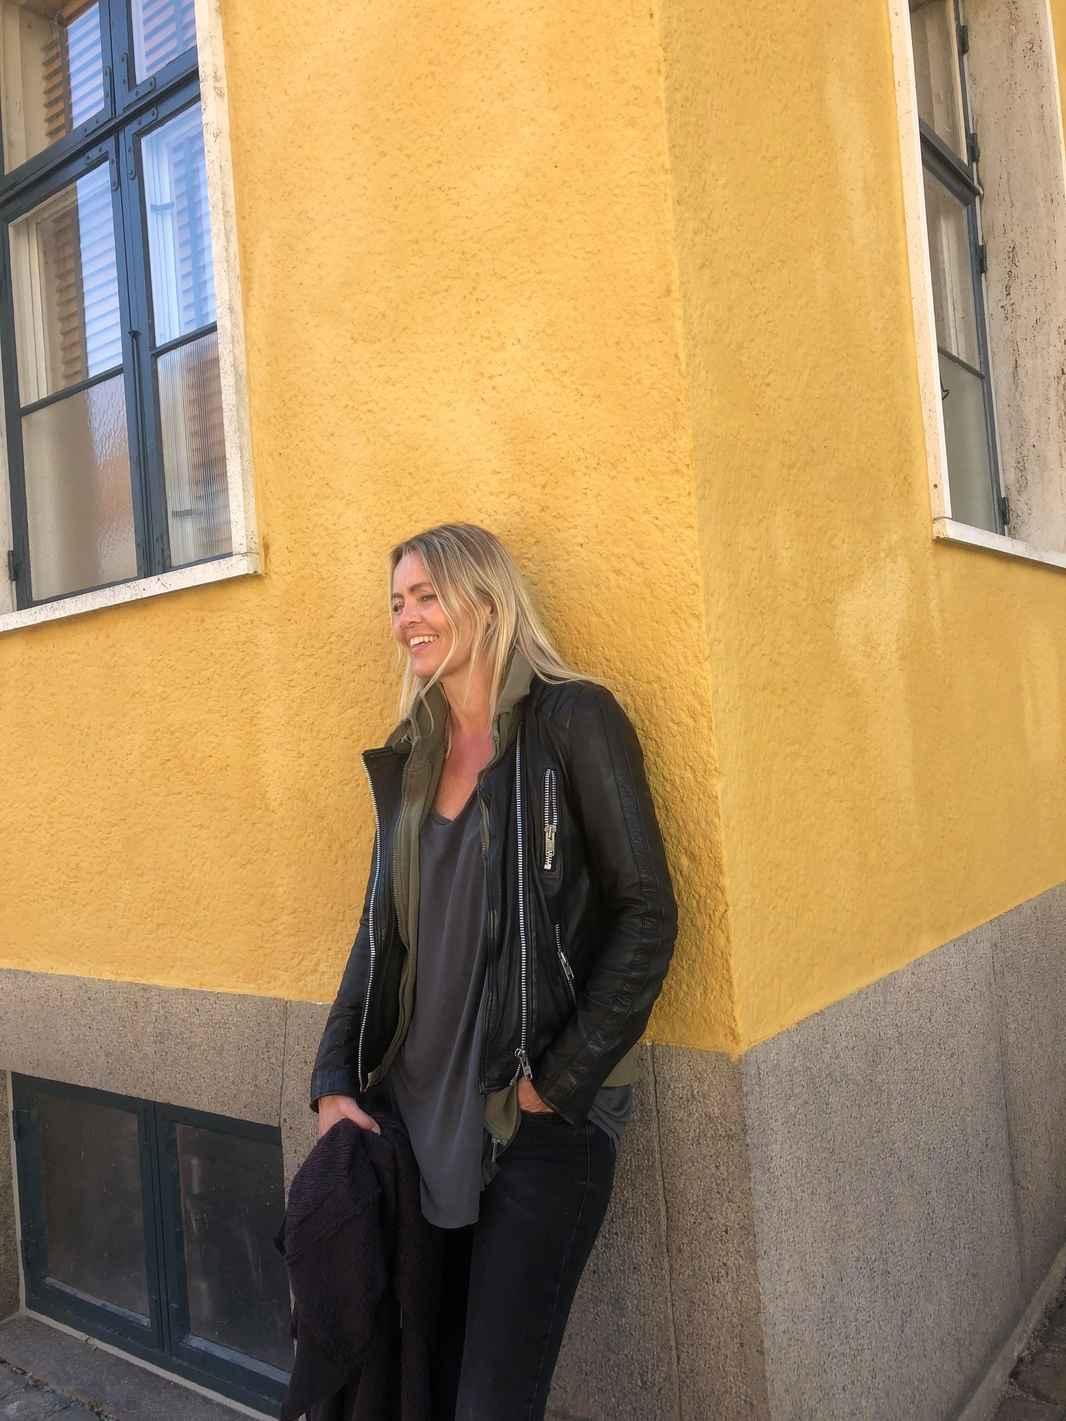 Pia gul væg kigger ned smiler.jpg